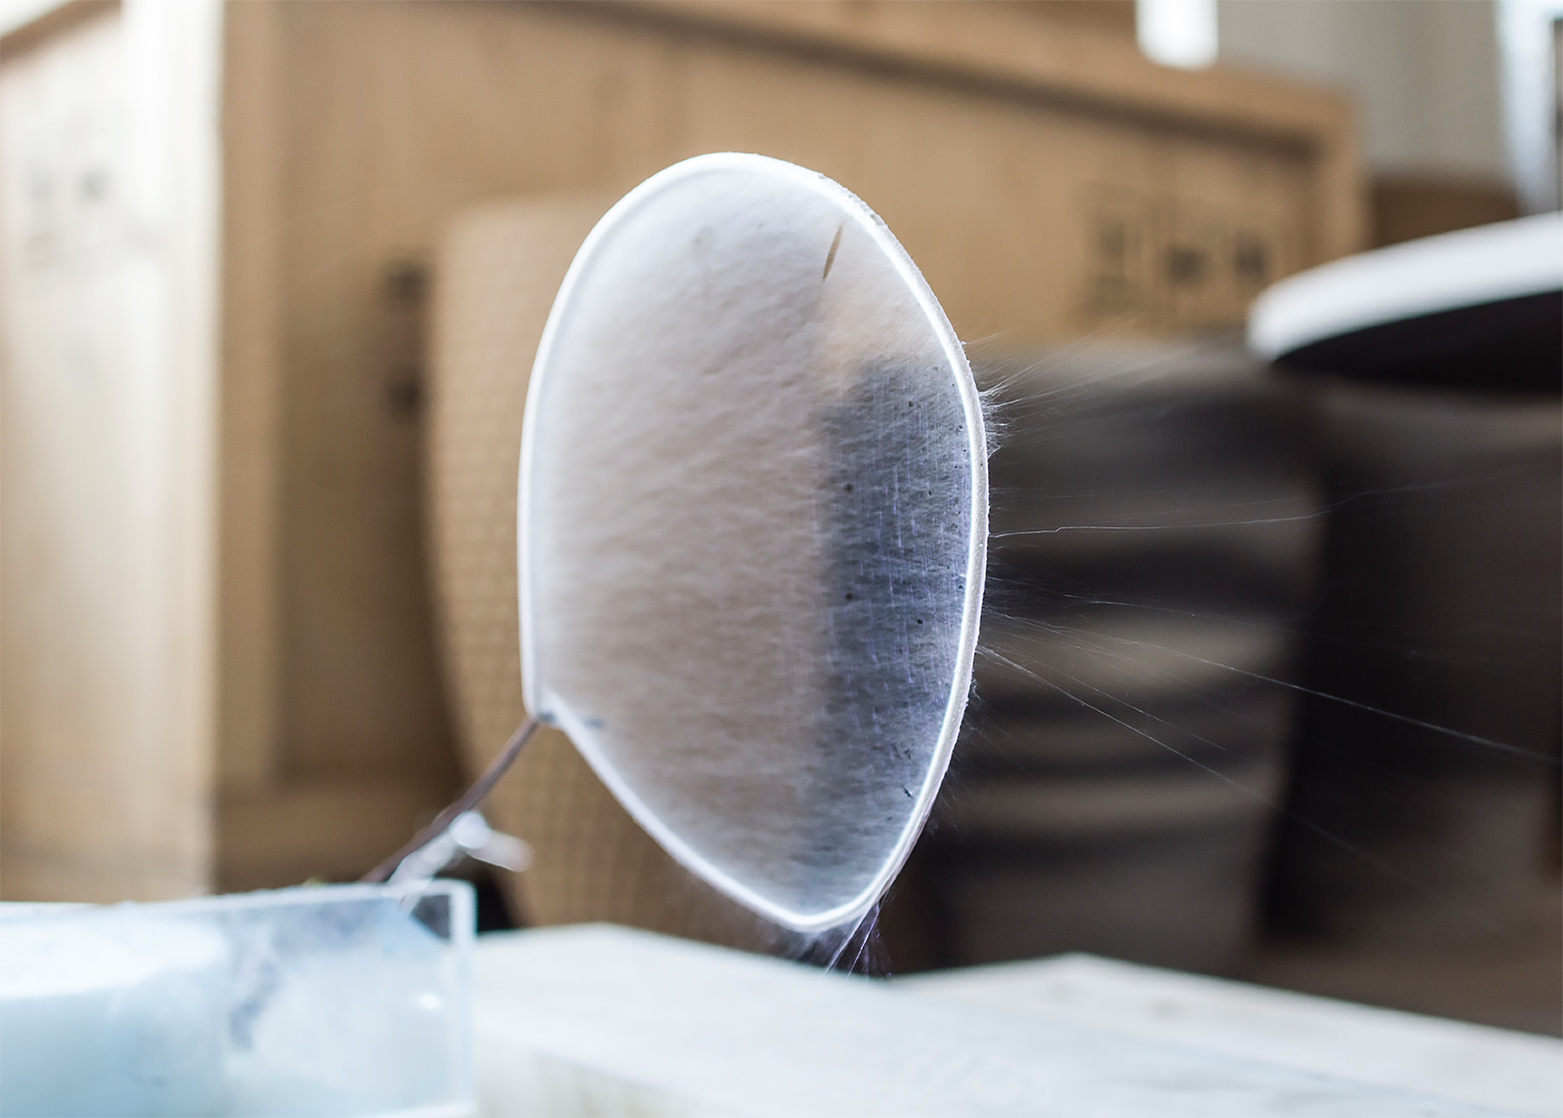 Borse di studio 2016-2017, Fondazione Adolfo Pini. Designer Olivier van Herpt, creazione stampa 3D della seta; Ilaria Francesca Andreoli (Courtesy: Fondazione Adolfo Pini)